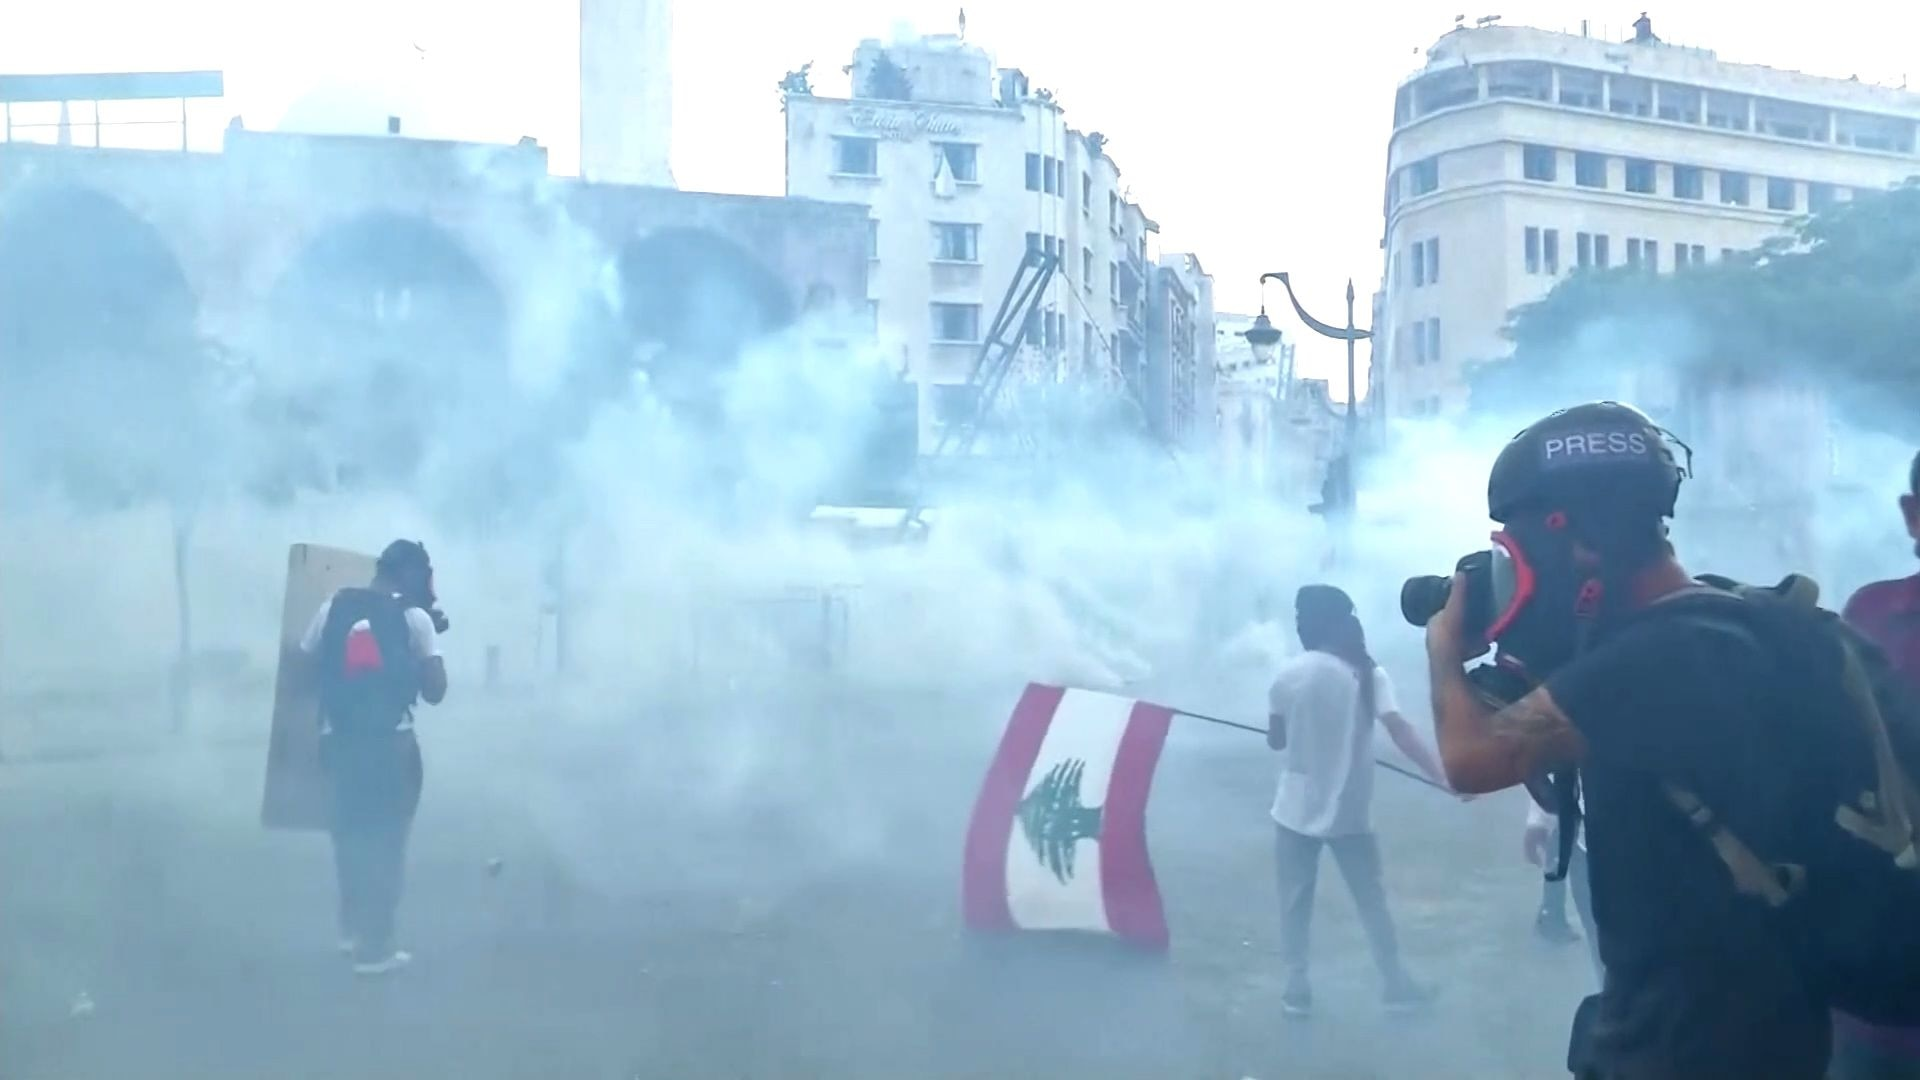 Lage im Libanon eskaliert: Regierungschef schlägt Neuwahlen vor